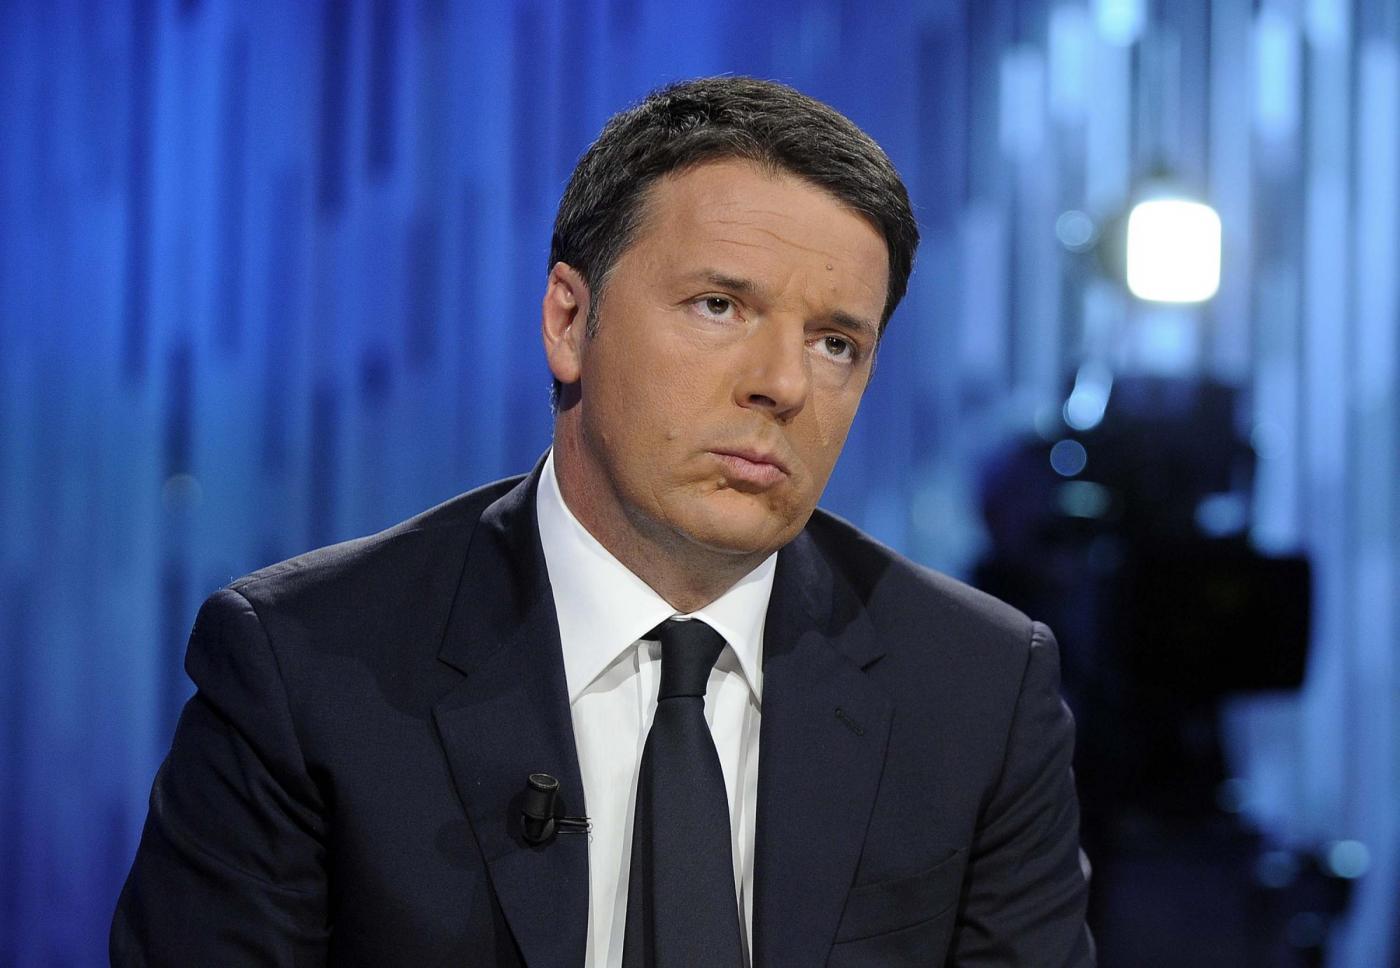 Direzione PD, resa dei conti per Matteo Renzi: 'Pronti ad aiutare Mattarella'